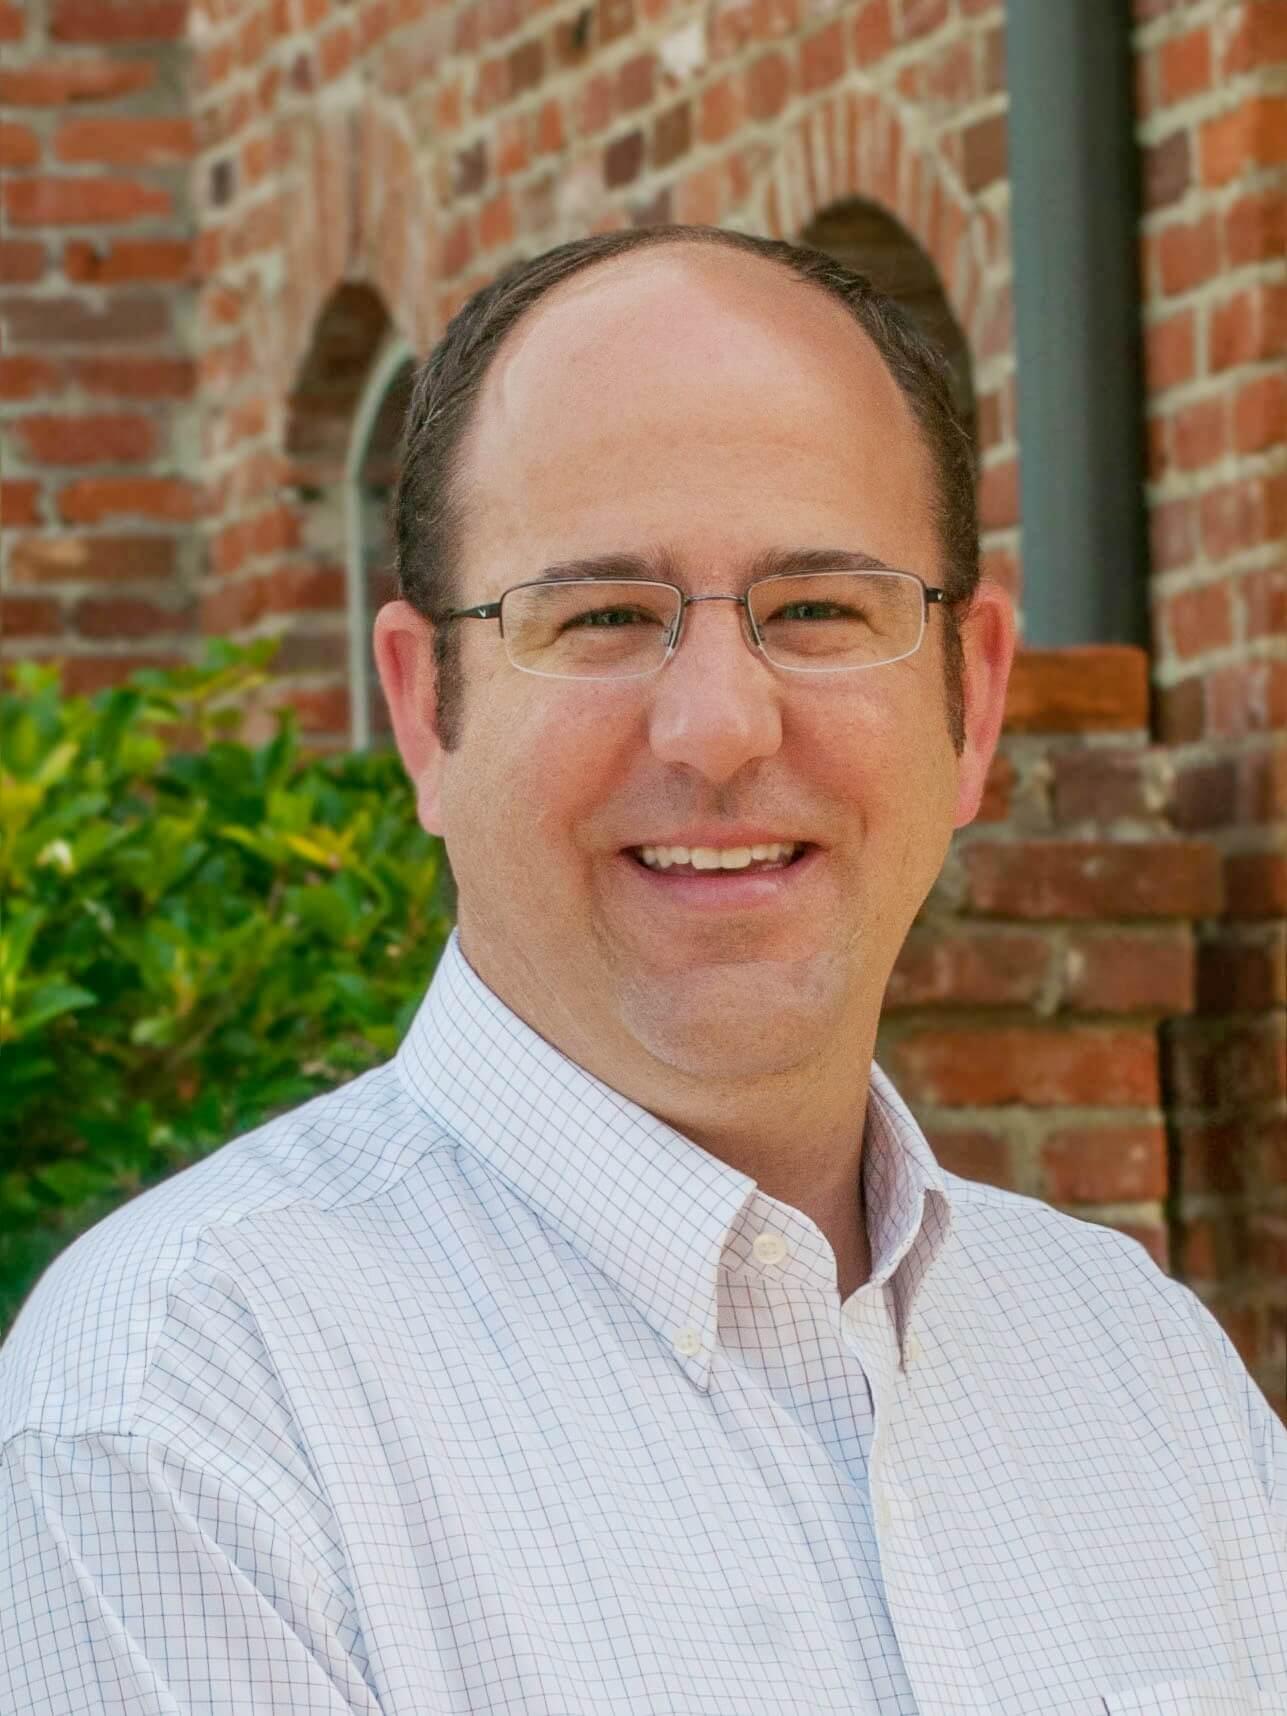 Matt Holder